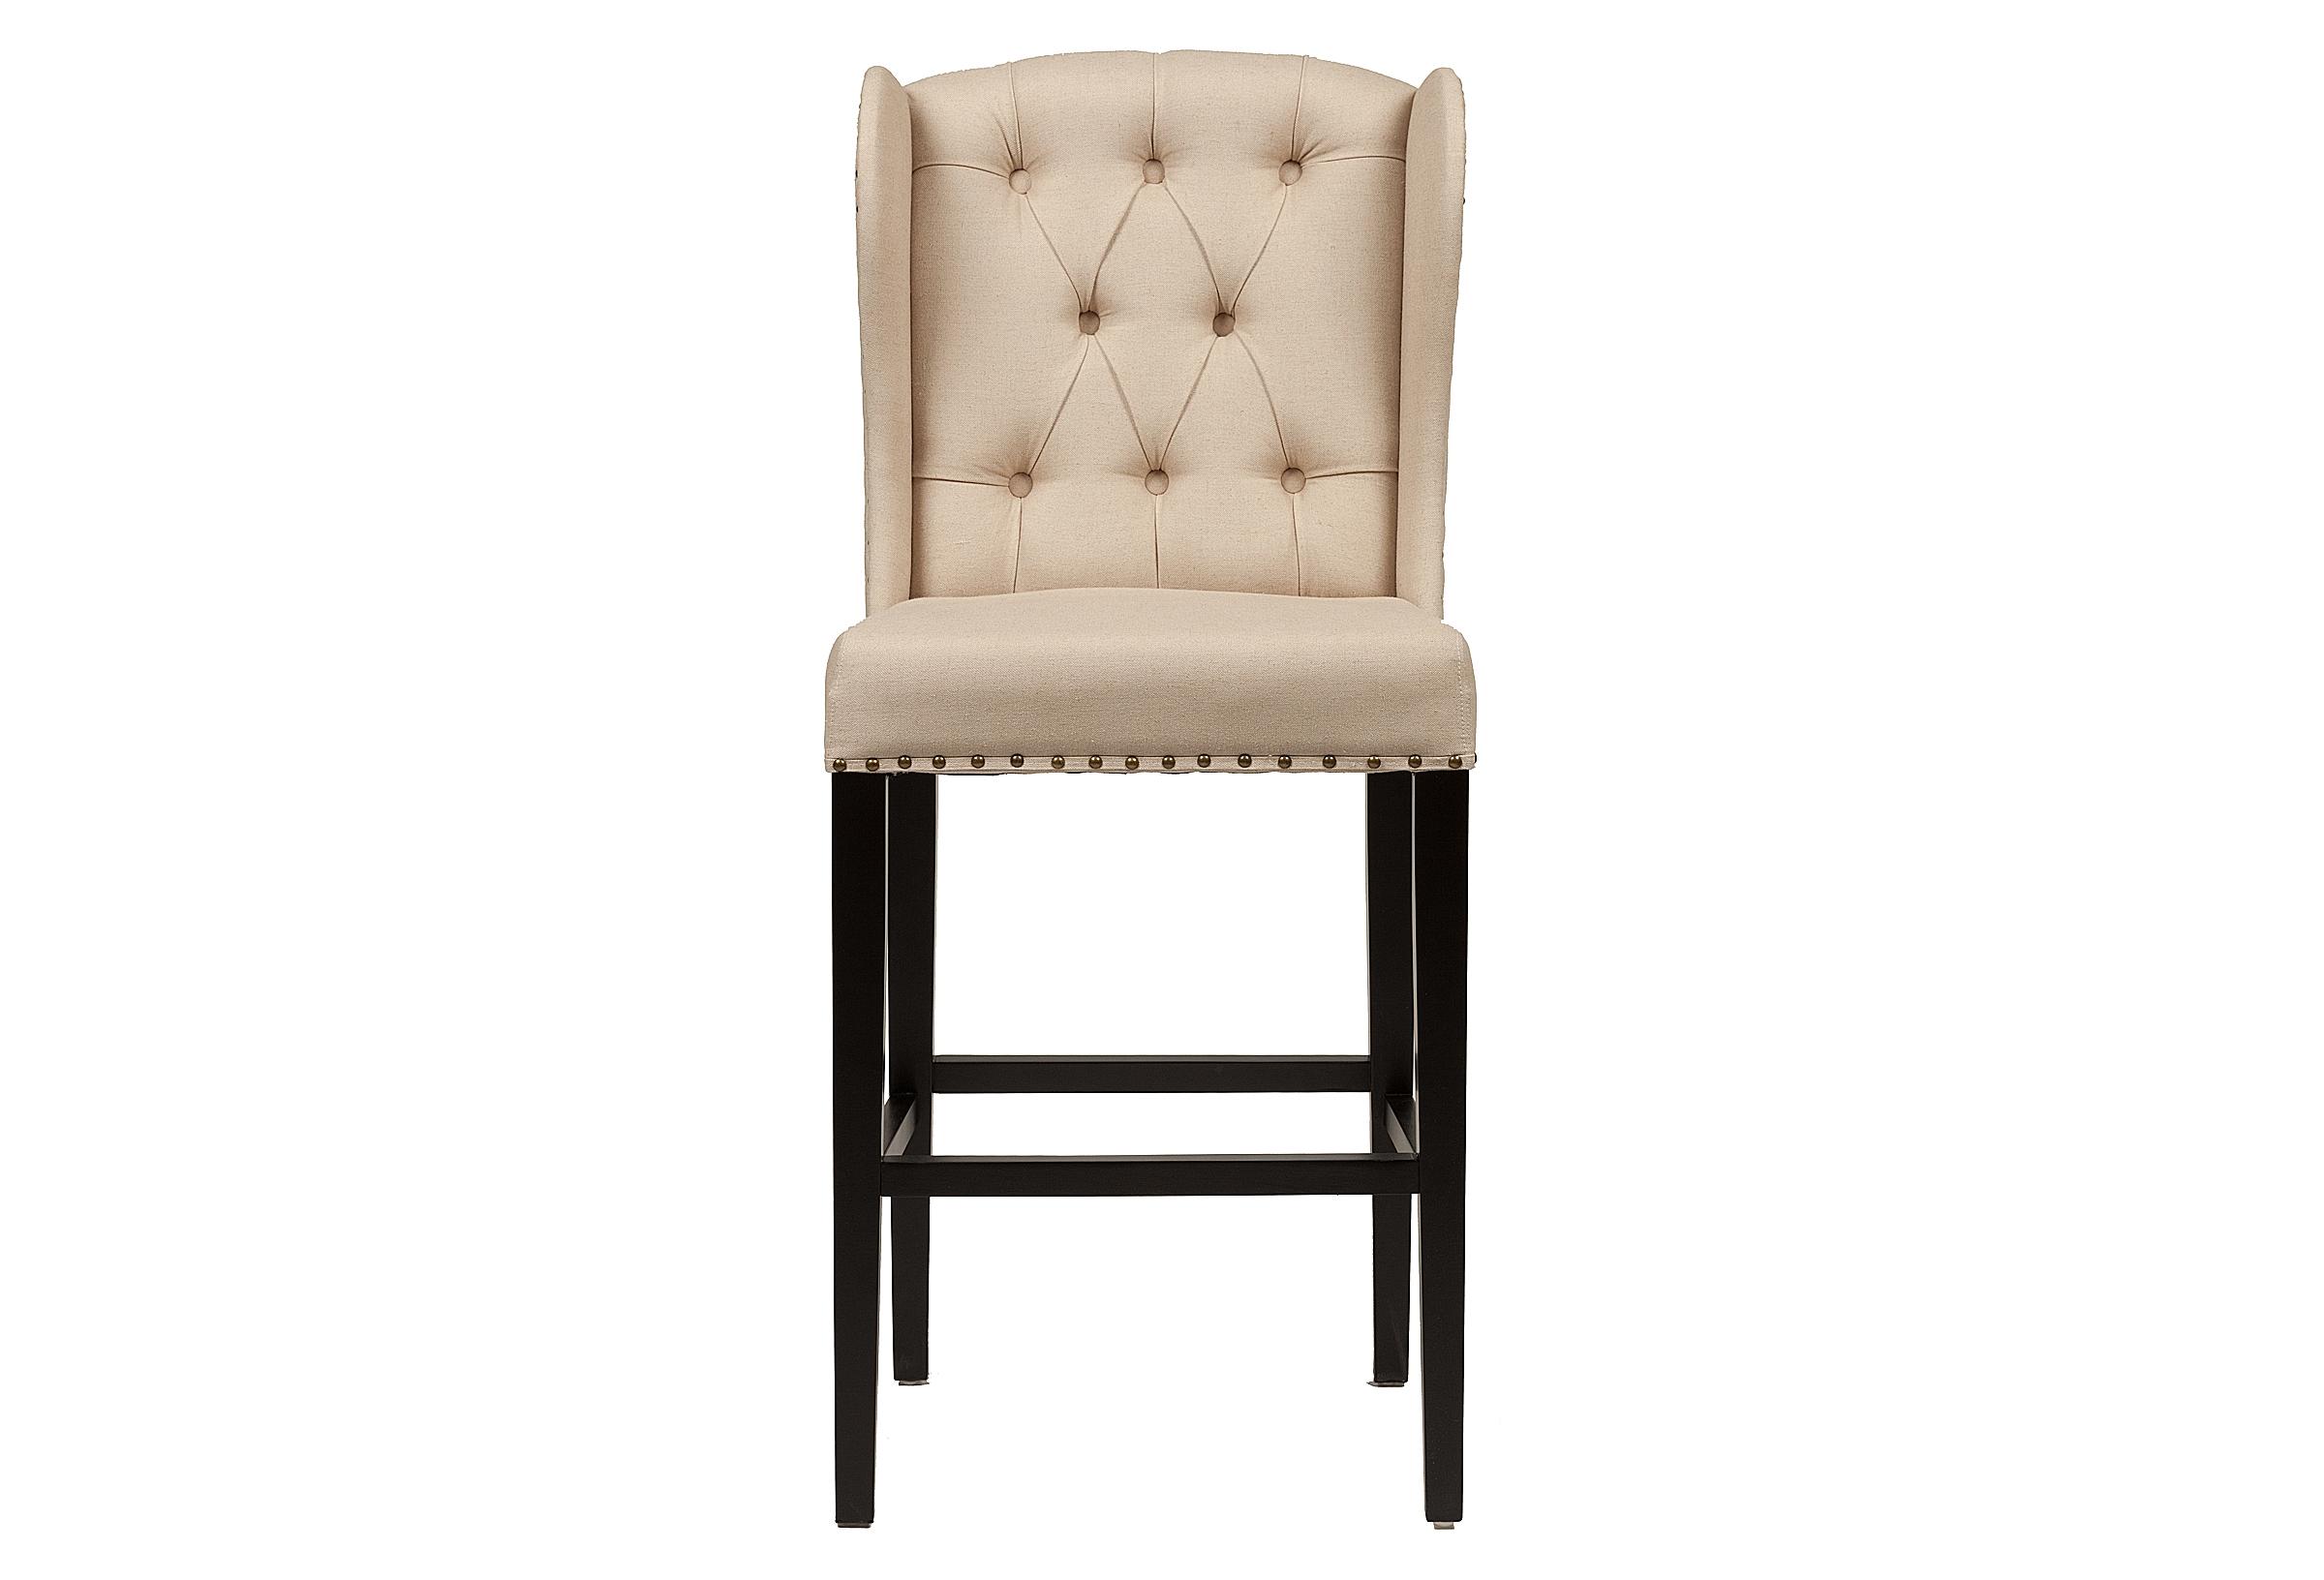 Барный стул Maison BarstoolБарные стулья<br>Стул для бара Maison — это роскошное изделие, которое больше напоминает миниатюрный королевский трон. Стул Maison выполнен из натуральных материалов, что придает ему роскошный вид, ведь сложно придумать более гармоничное сочетание, нежели дерево и мягкая ткань натуральных оттенков. Стул для бара Maison имеет устойчивый каркас из массива берёзы, который обеспечивает удобство и безопасность посадки. Комфортную посадку гарантирует мягкое сиденье и достаточно большая спинка, на которую можно полностью облокотиться. Несмотря на светлую тканевую обивку, стул легко держать в аккуратном виде, так как материал быстро и легко моется. Стул Maison прекрасно впишется в помещение, оформленное не только в винтажном, но и классическом стиле.<br><br>Material: Лен<br>Width см: 46<br>Depth см: 51<br>Height см: 112